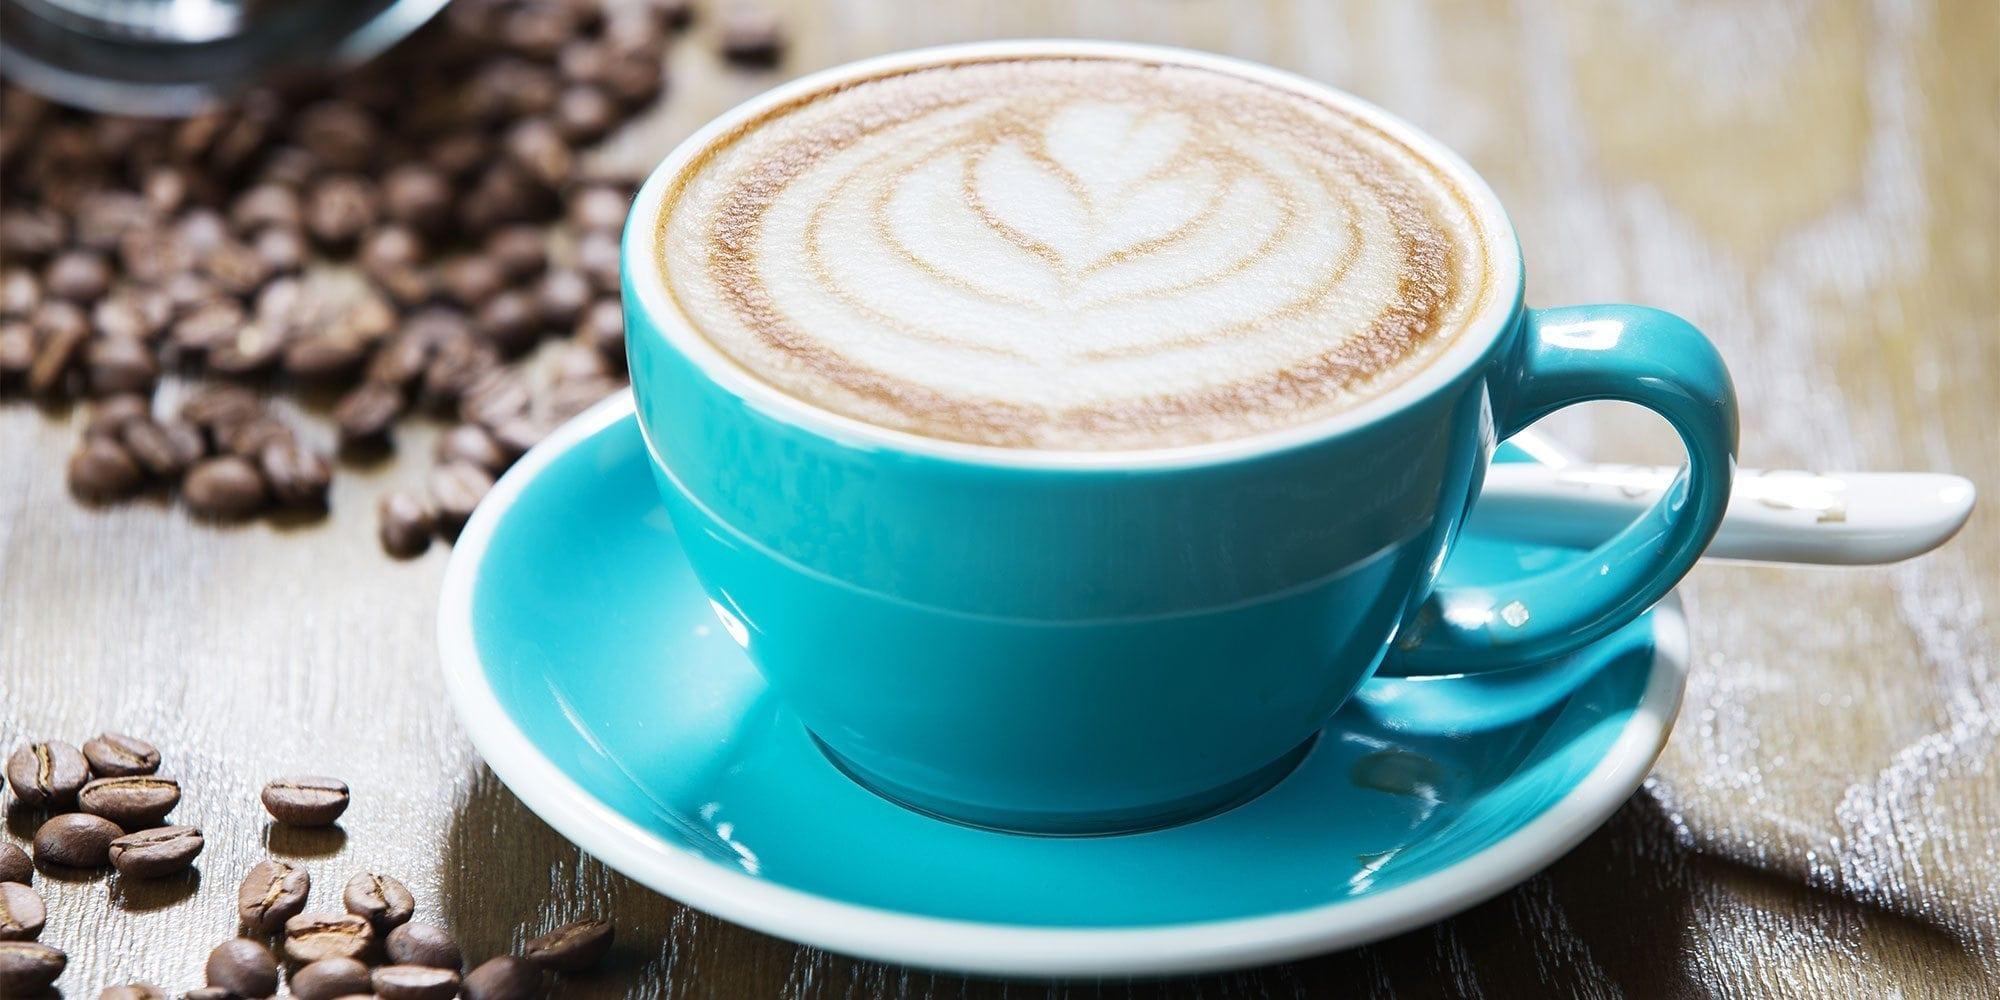 afvallen door stoppen met koffie